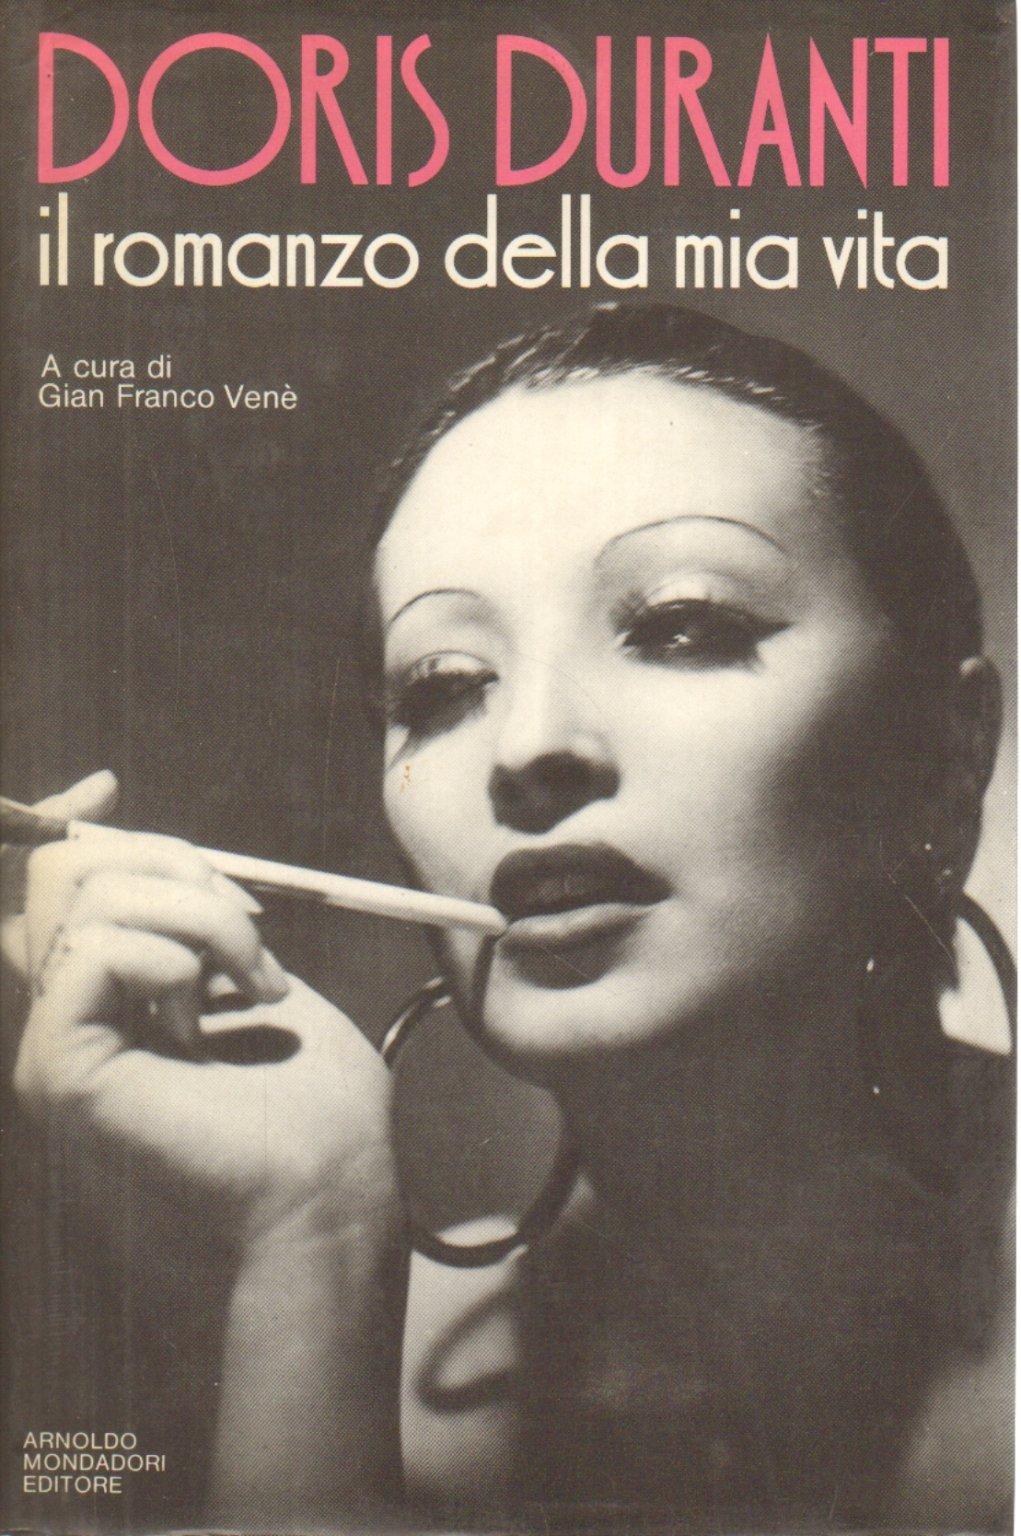 Fig. 2 Copertina dell'autobiografia di Doris Duranti Il romanzo della mia vita (1985)